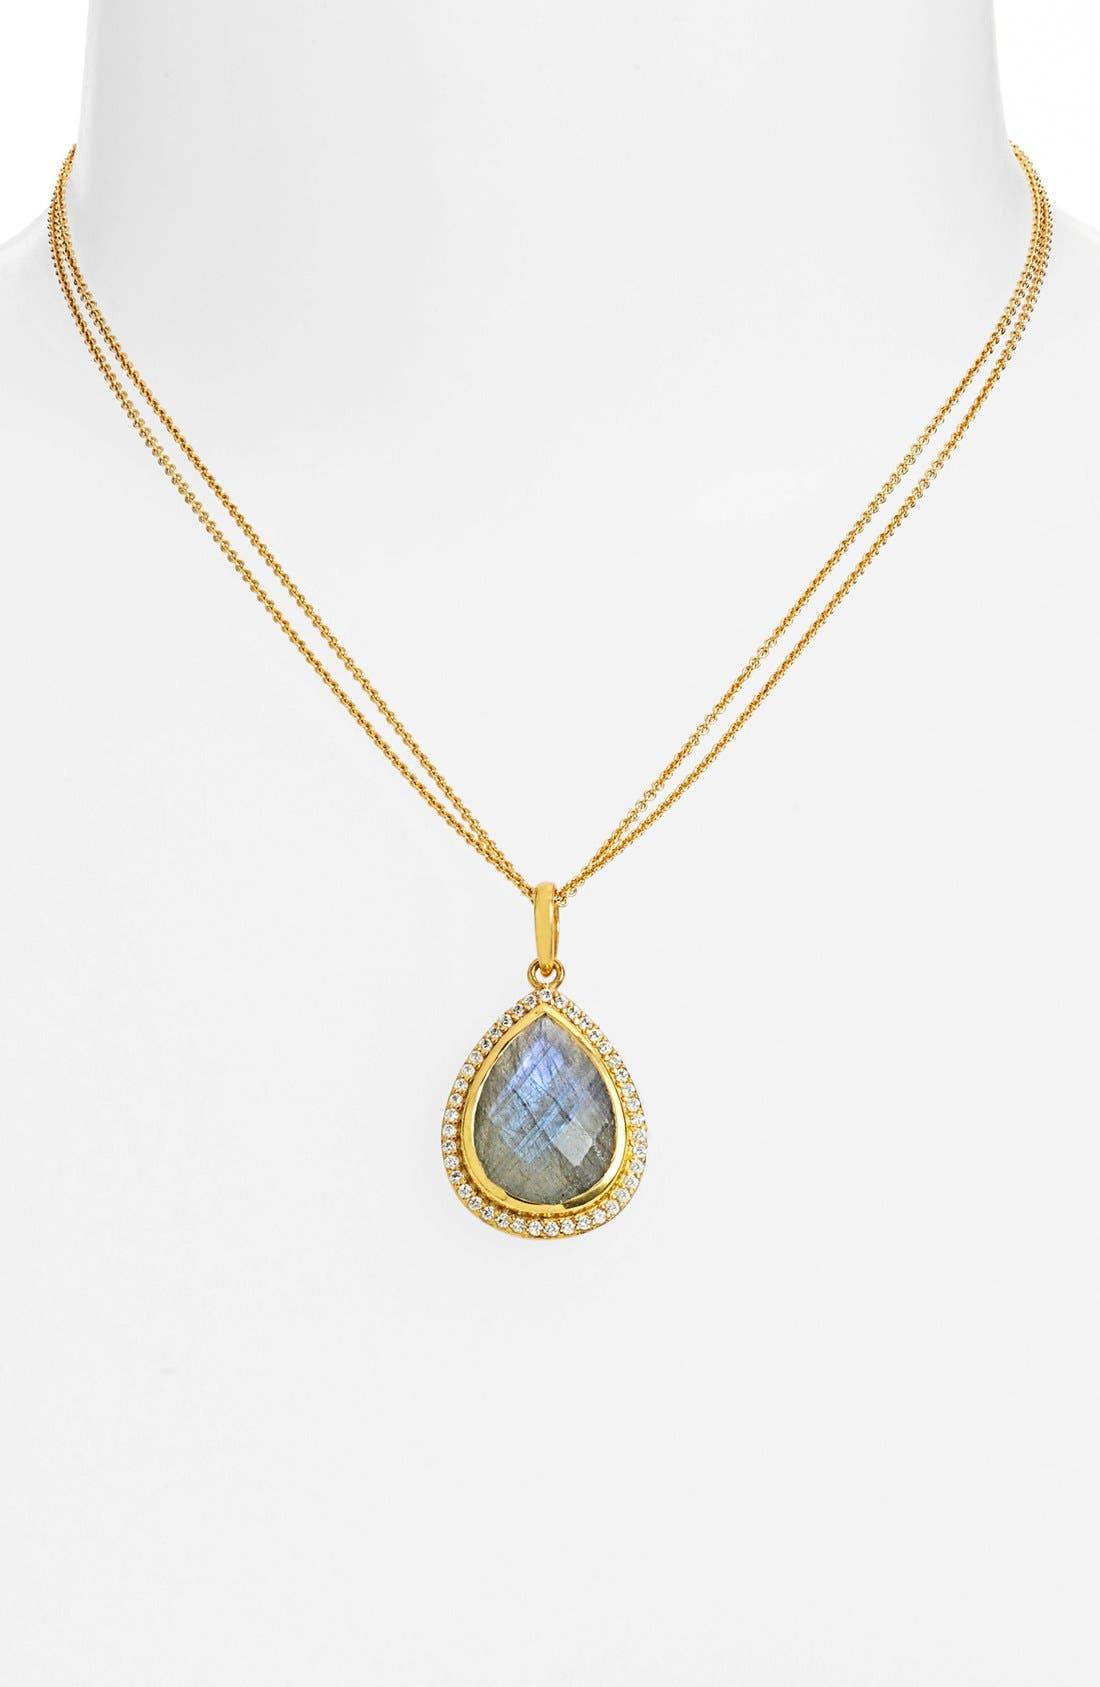 Main Image - NuNu Designs Large Pendant Necklace